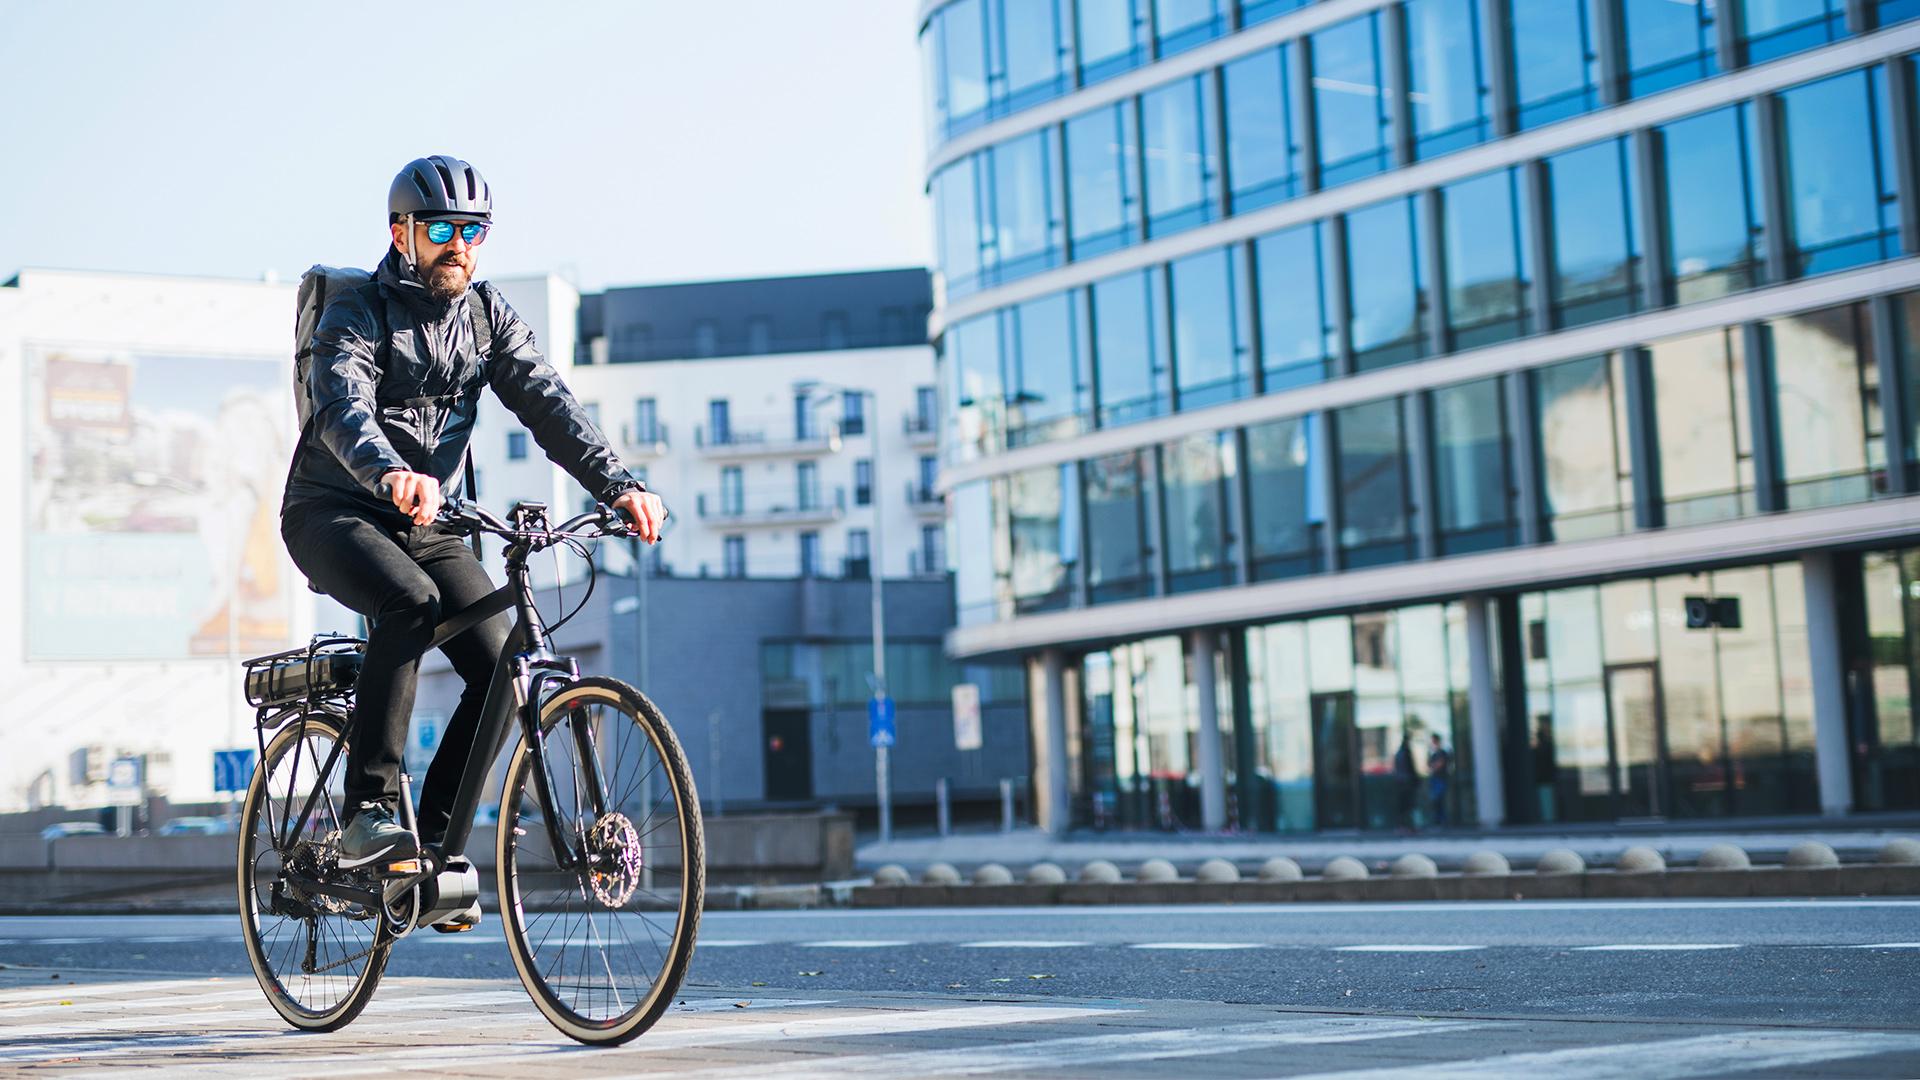 Bicicletta tutela legale das movimento 30122019